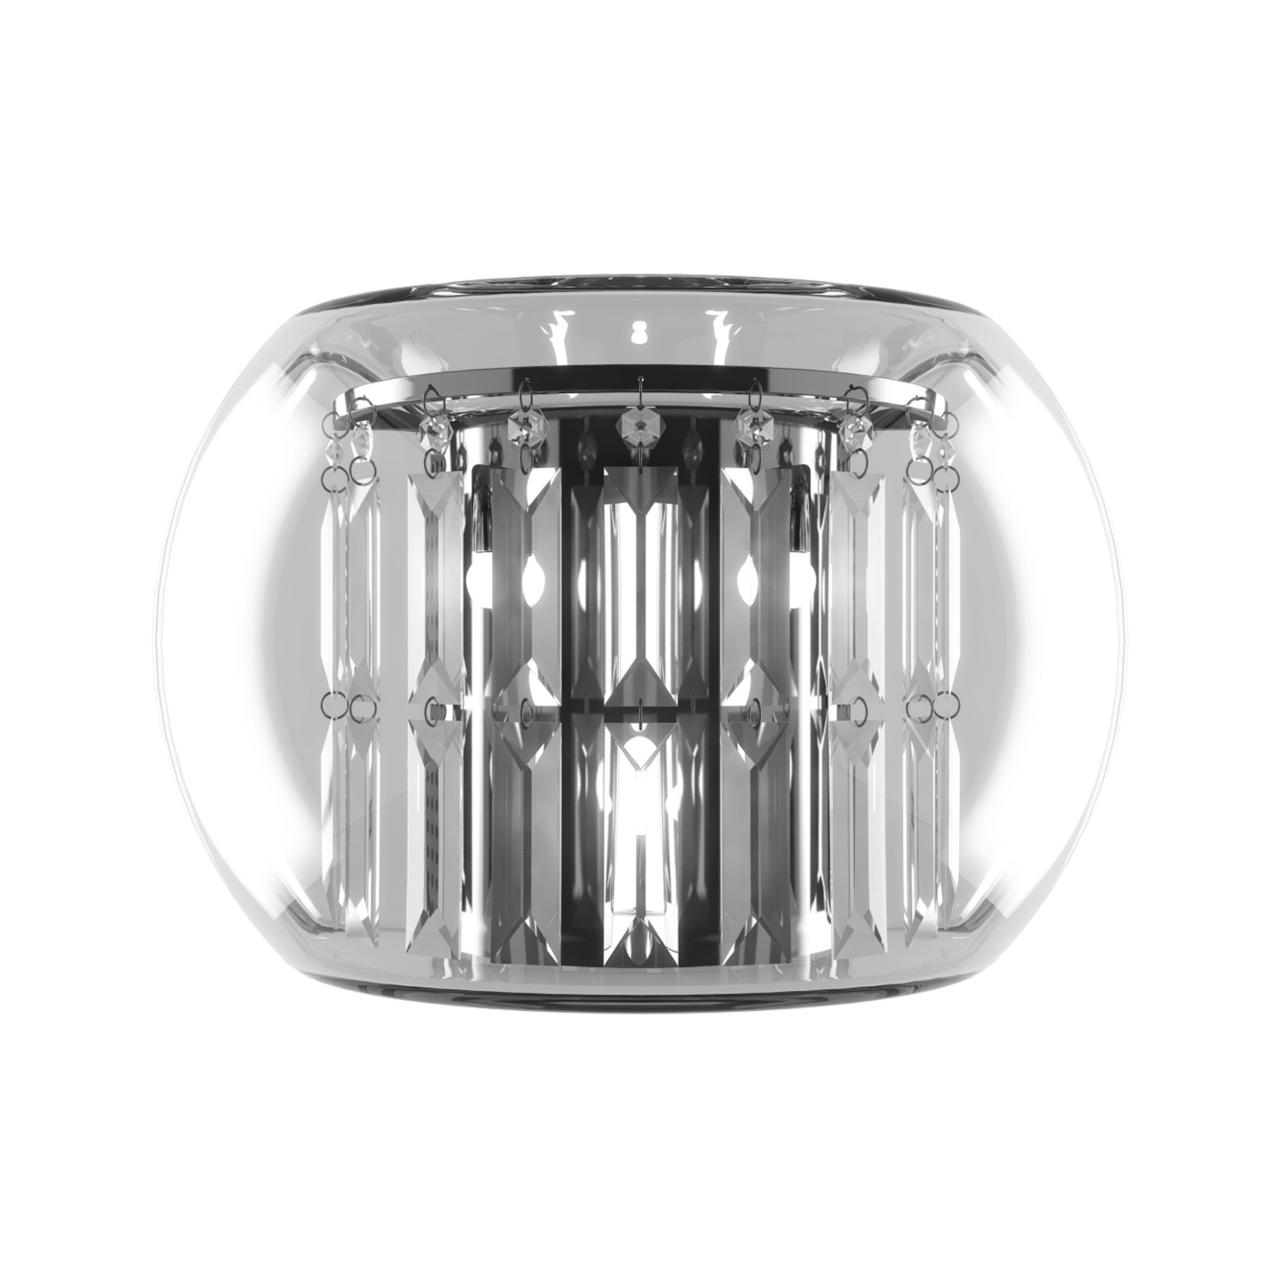 Бра Acquario 3х20W G4 12V хром хрусталь / стекло Lightstar 753634